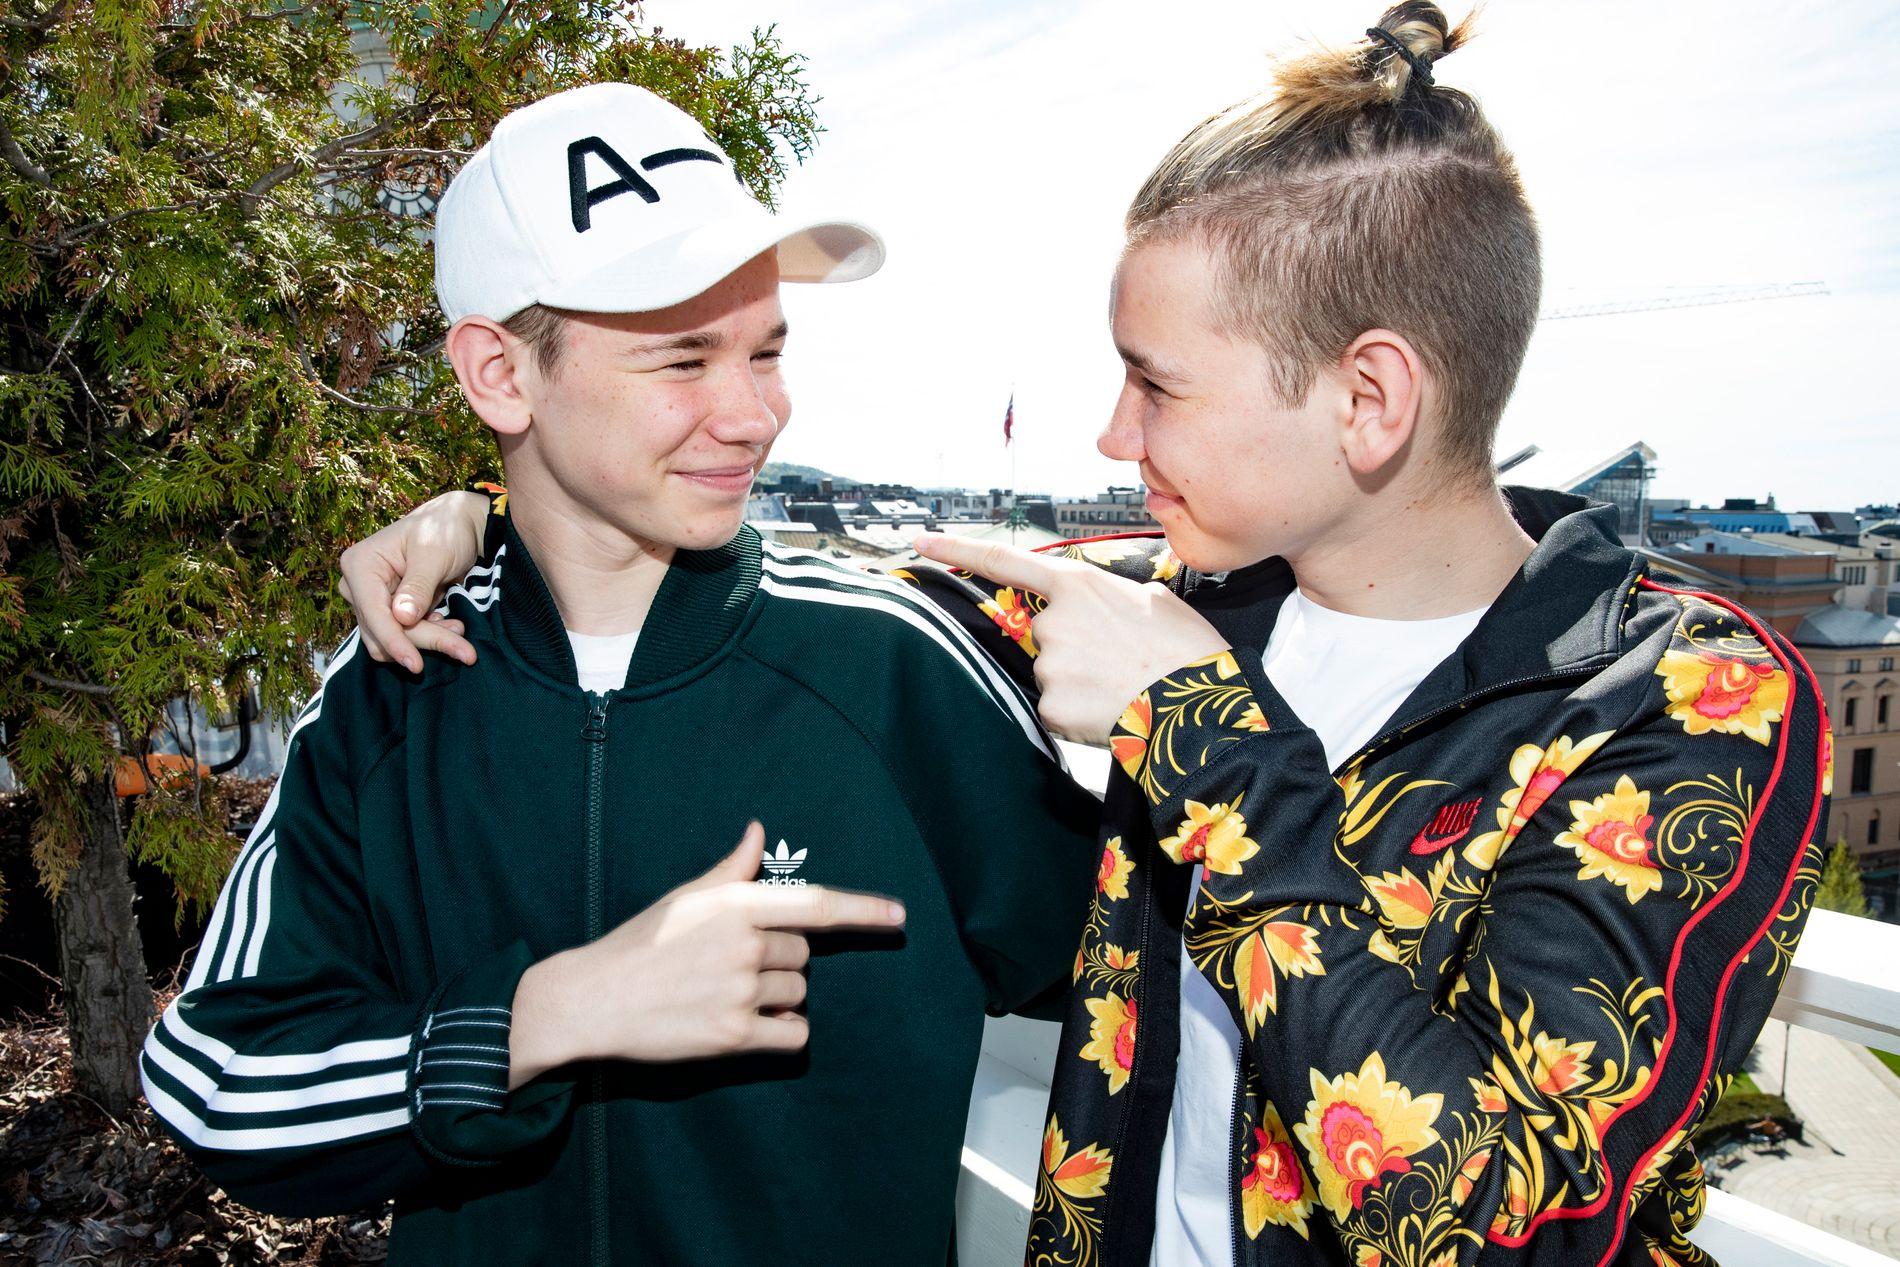 SUPER-TVILLINGER: Marcus og Martinus Gunnarsen er snart ferdig med sin første Europa-turné.